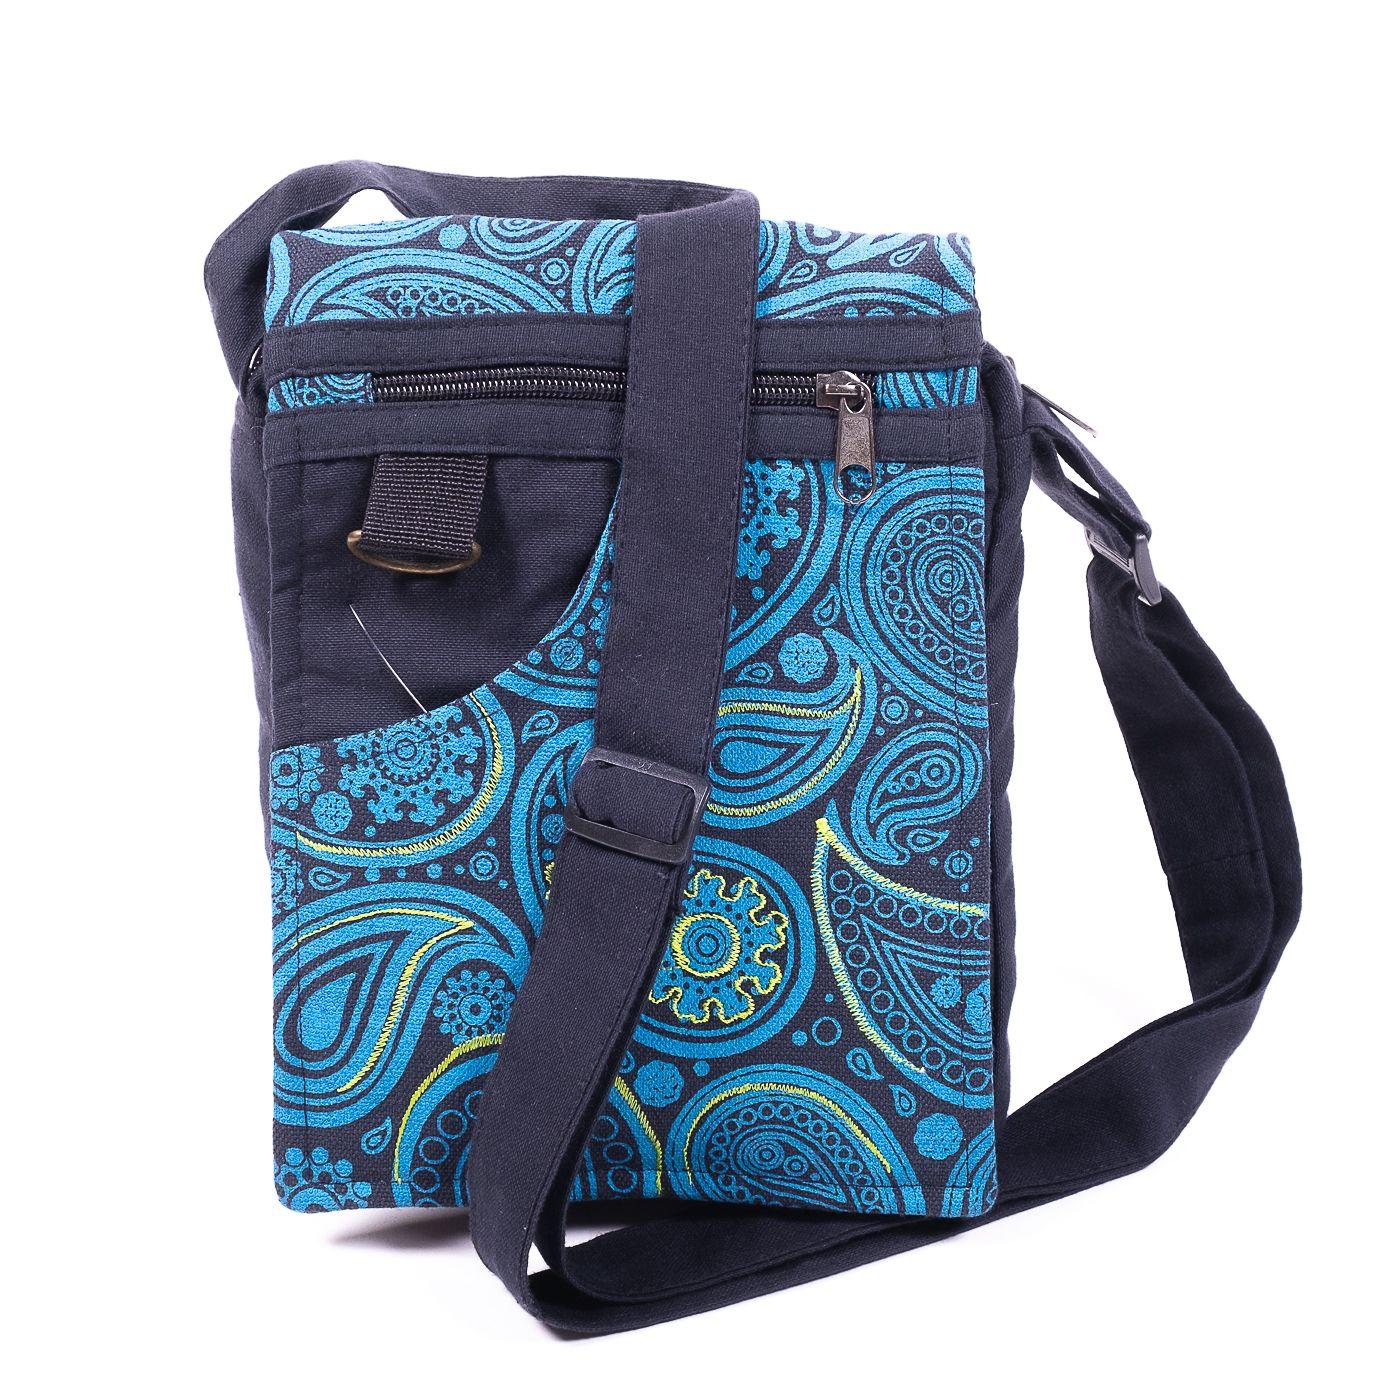 Taška na doklady BORA, kanvas, ruční výroba Nepál - NT0041-04-014 KENAVI